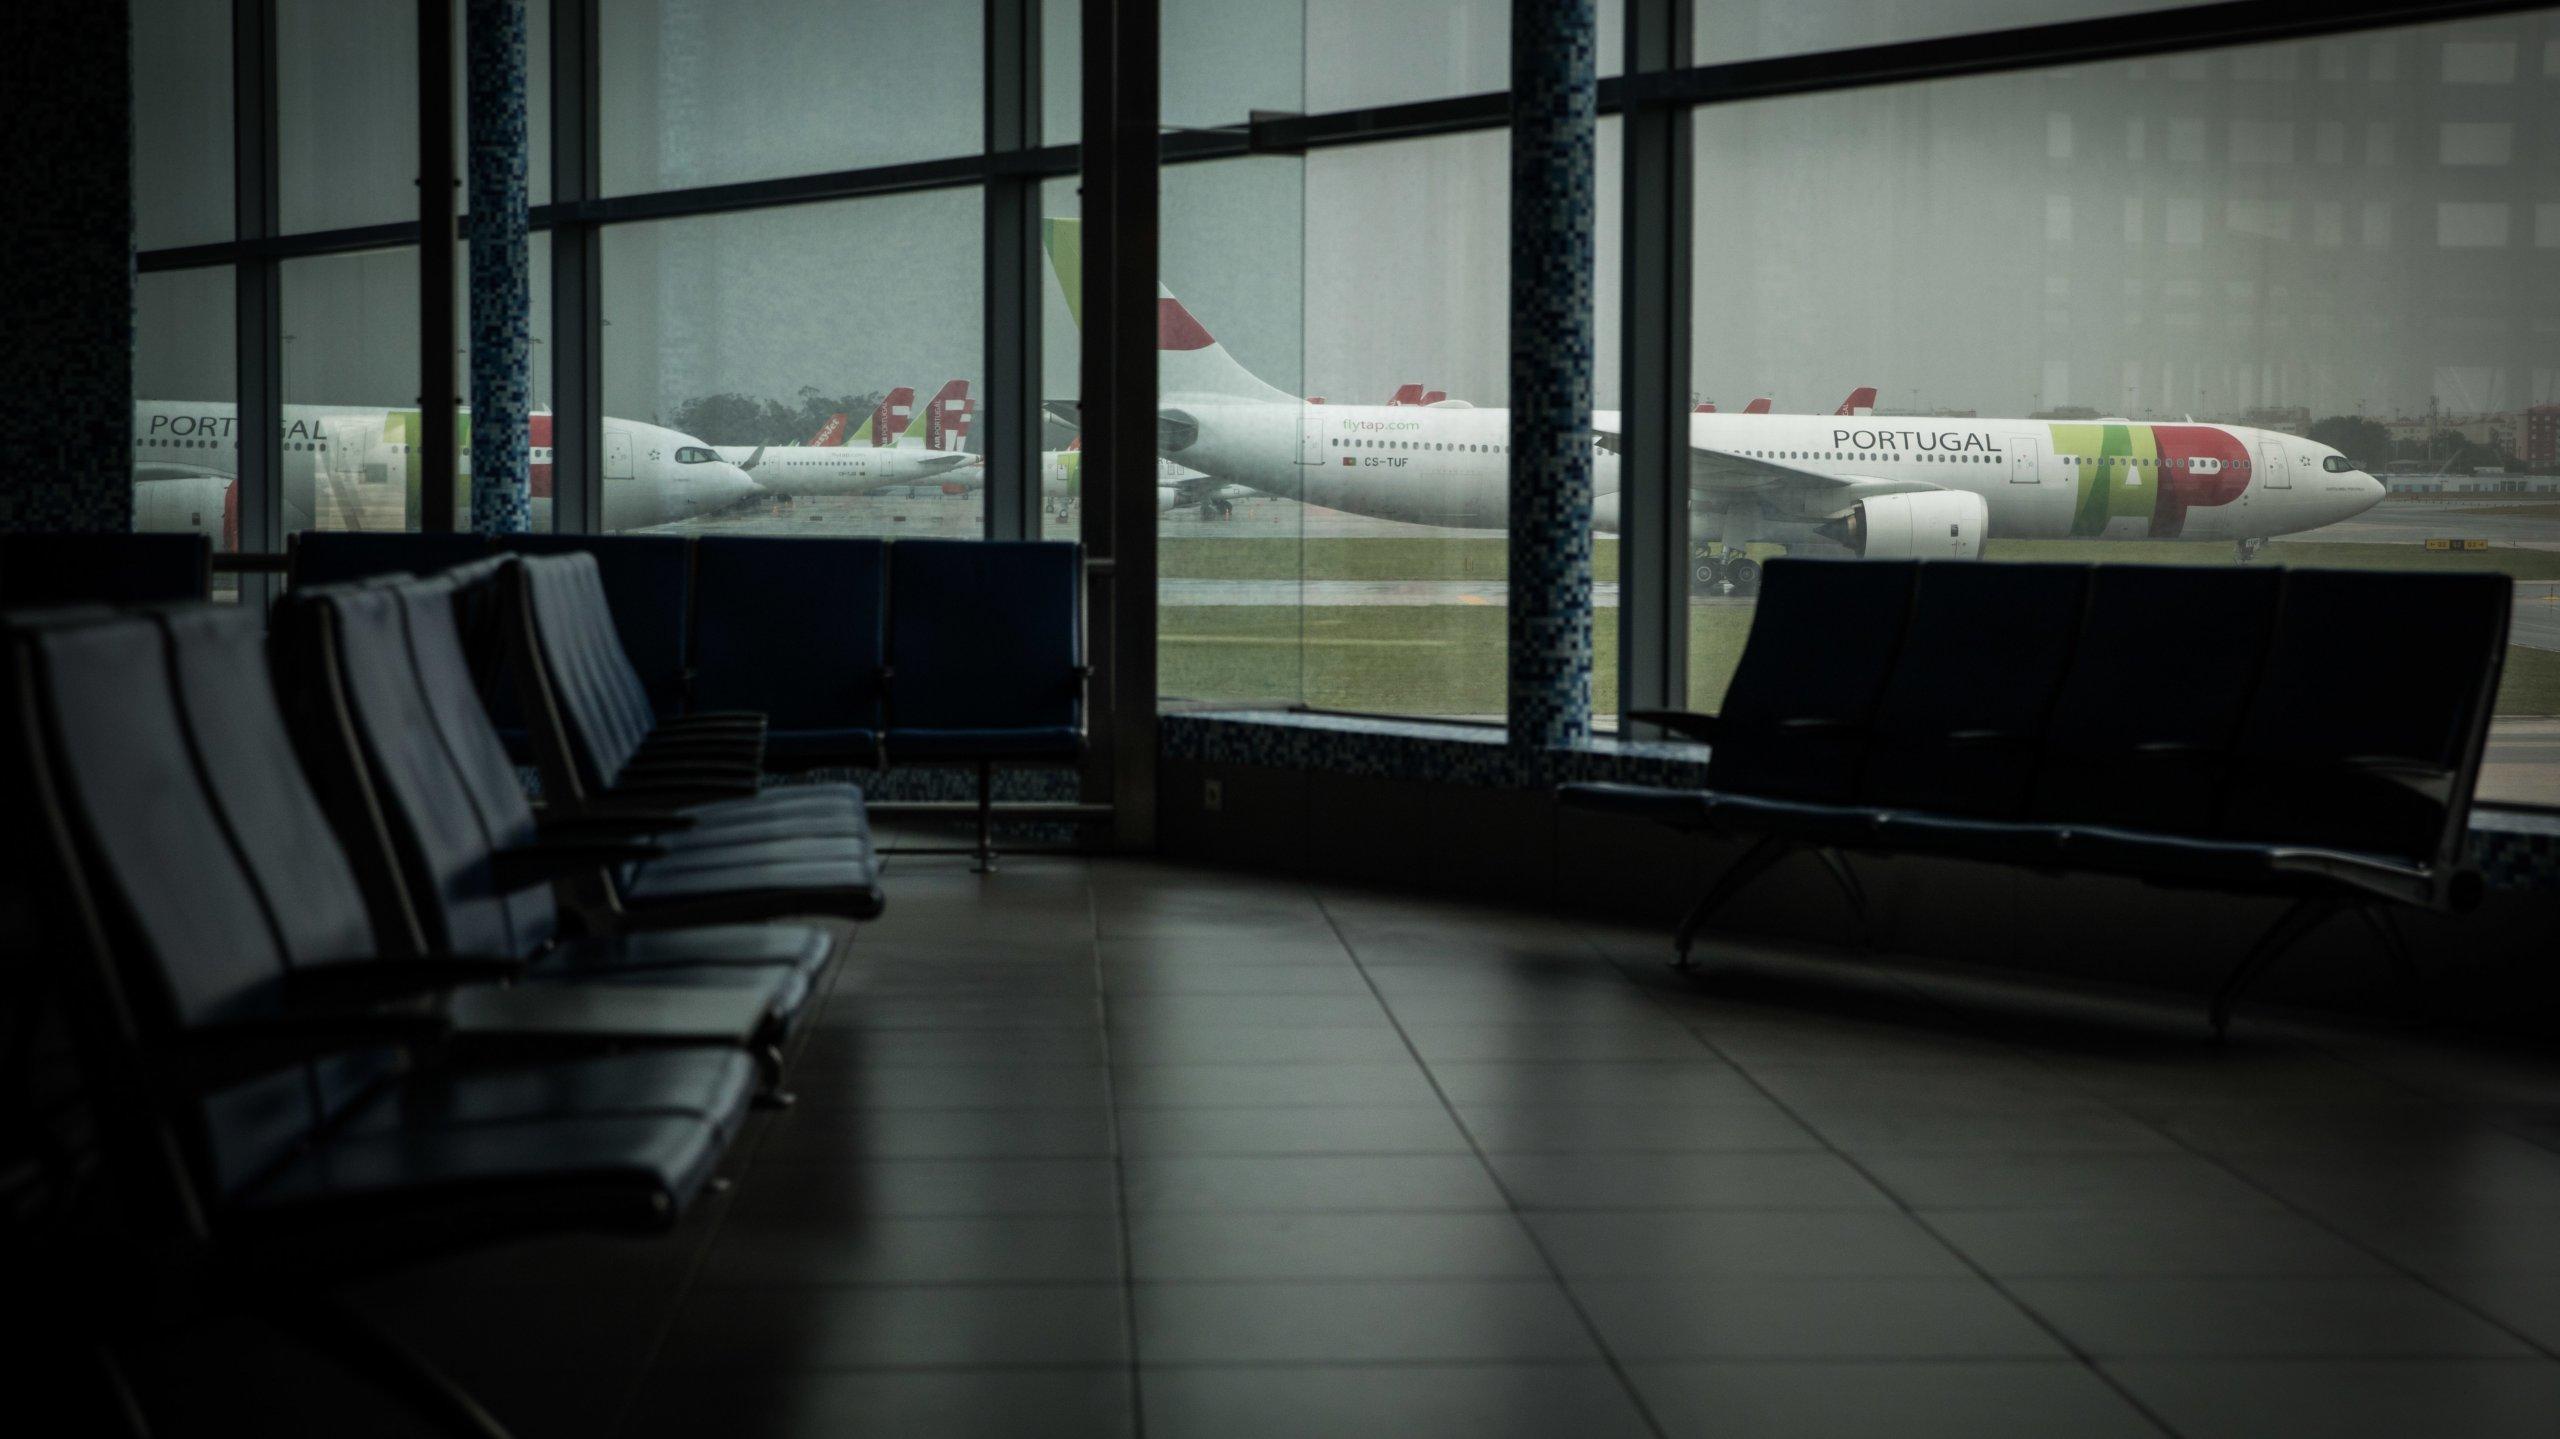 Aeroporto de Lisboa durante a pandemia